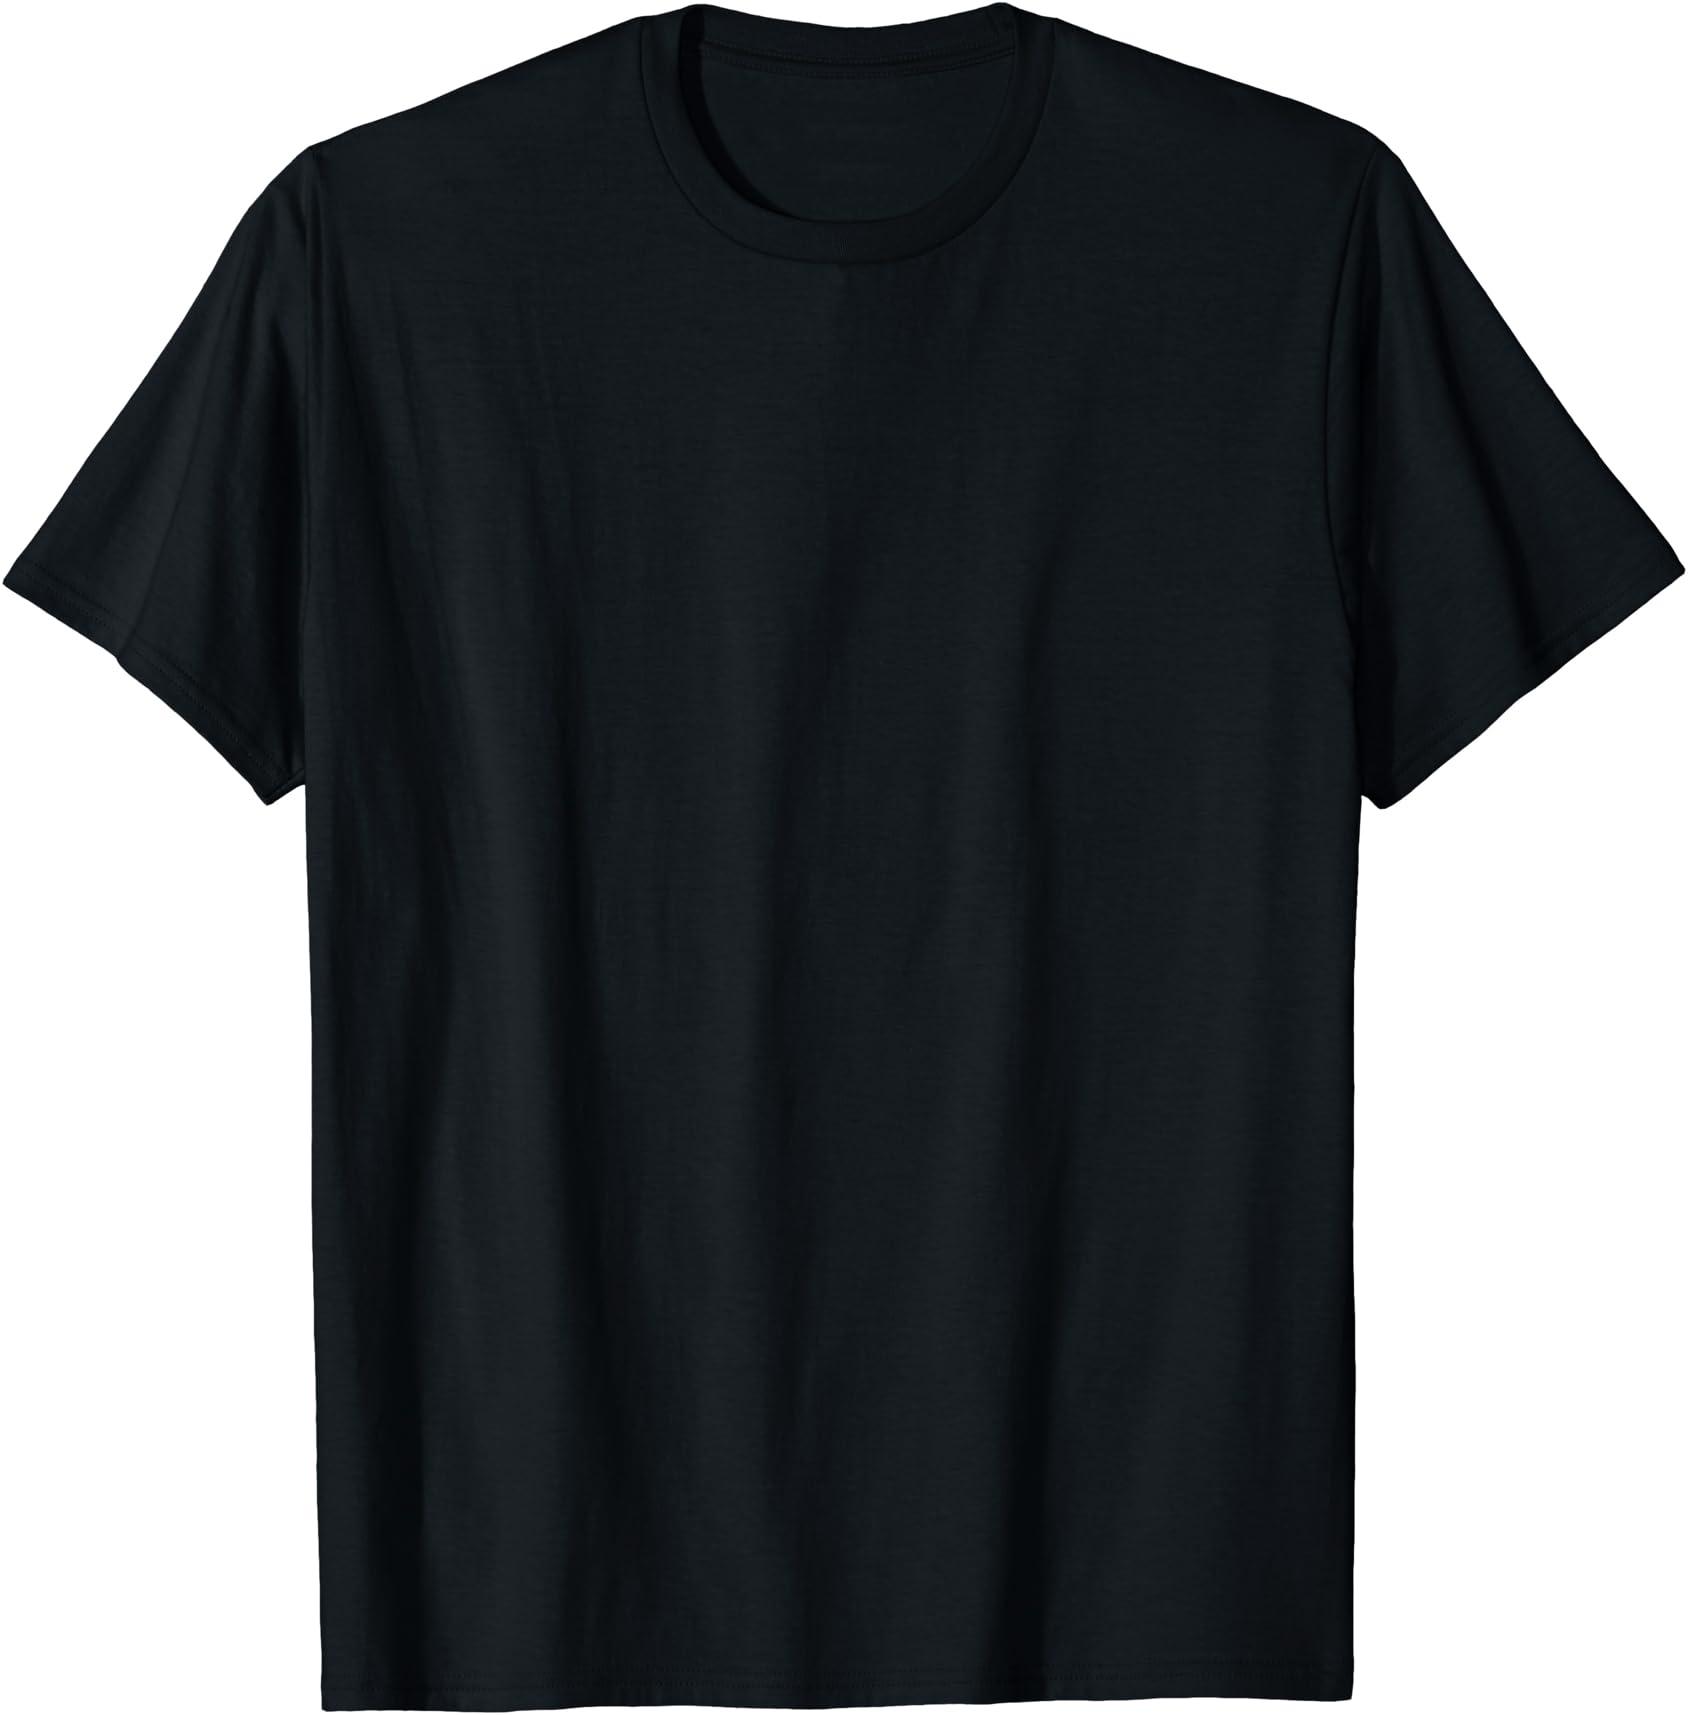 World/'s Best Astronomer Kids T-Shirt